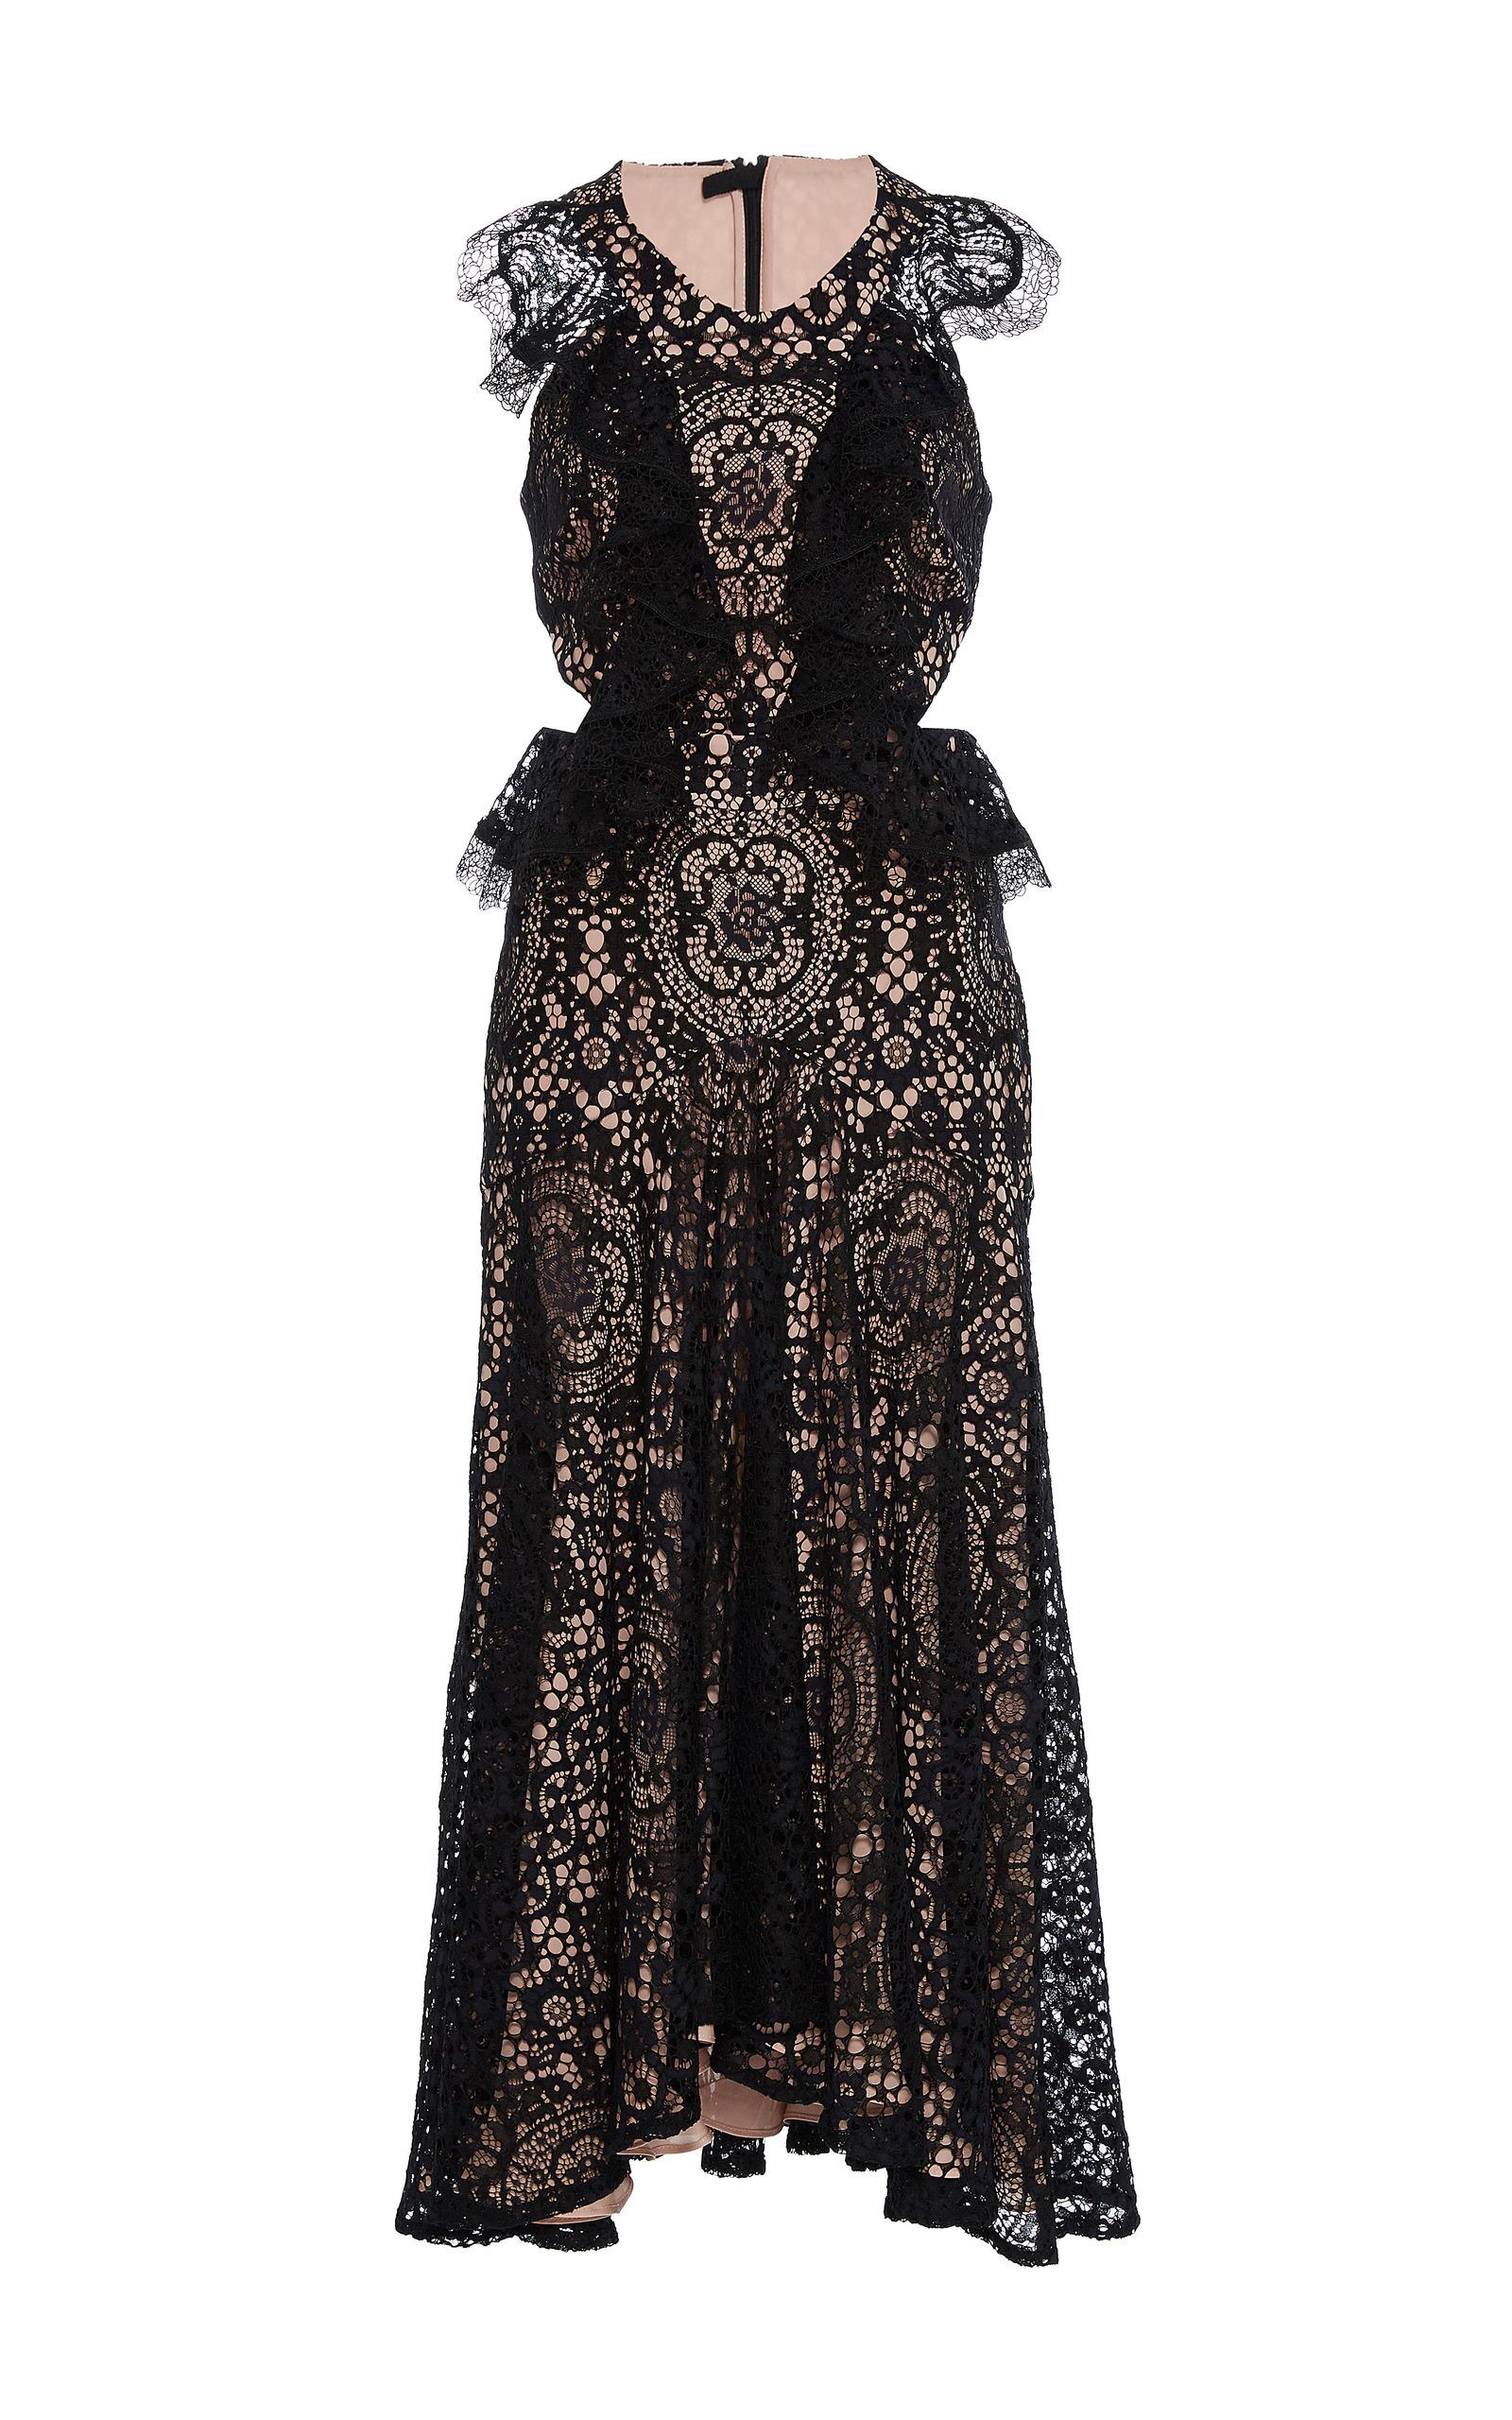 Alexis vincent lace dress